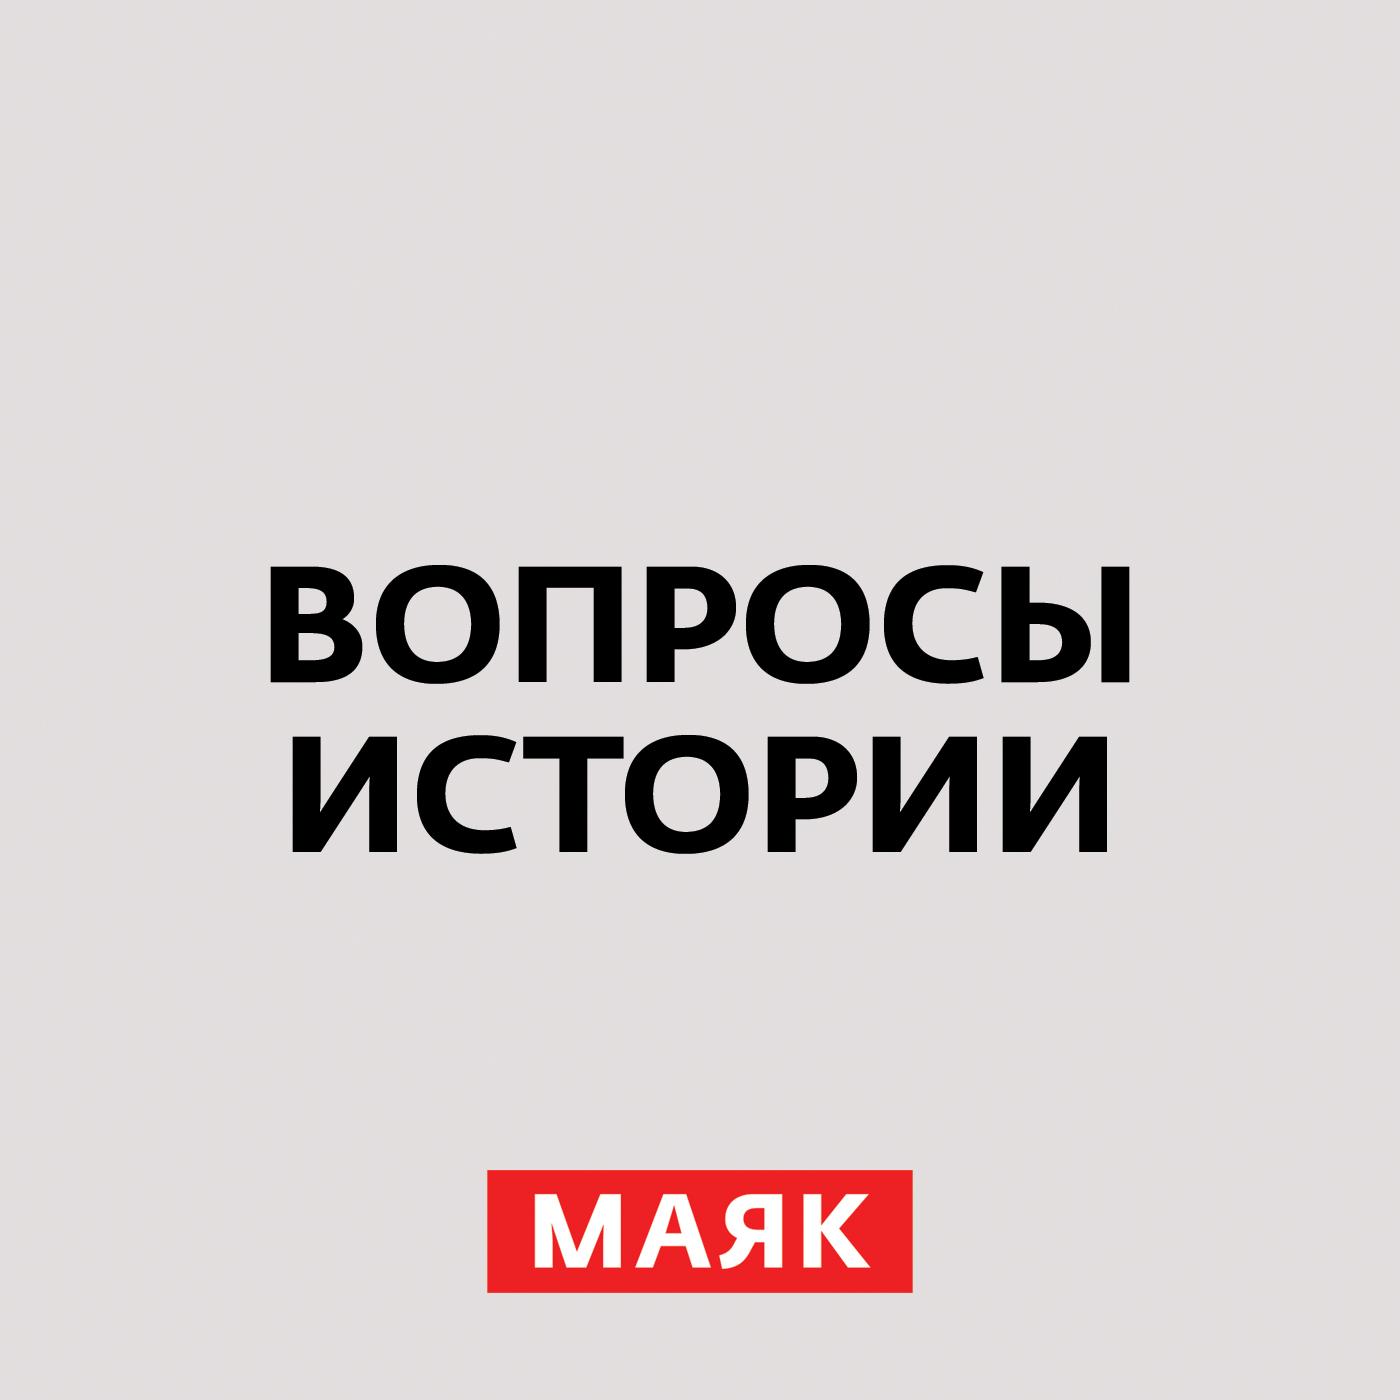 Андрей Светенко Отмена крепостного права. Часть 2 андрей светенко в начале 50 х сталин явно сдал но сдаваться не собирался часть 2